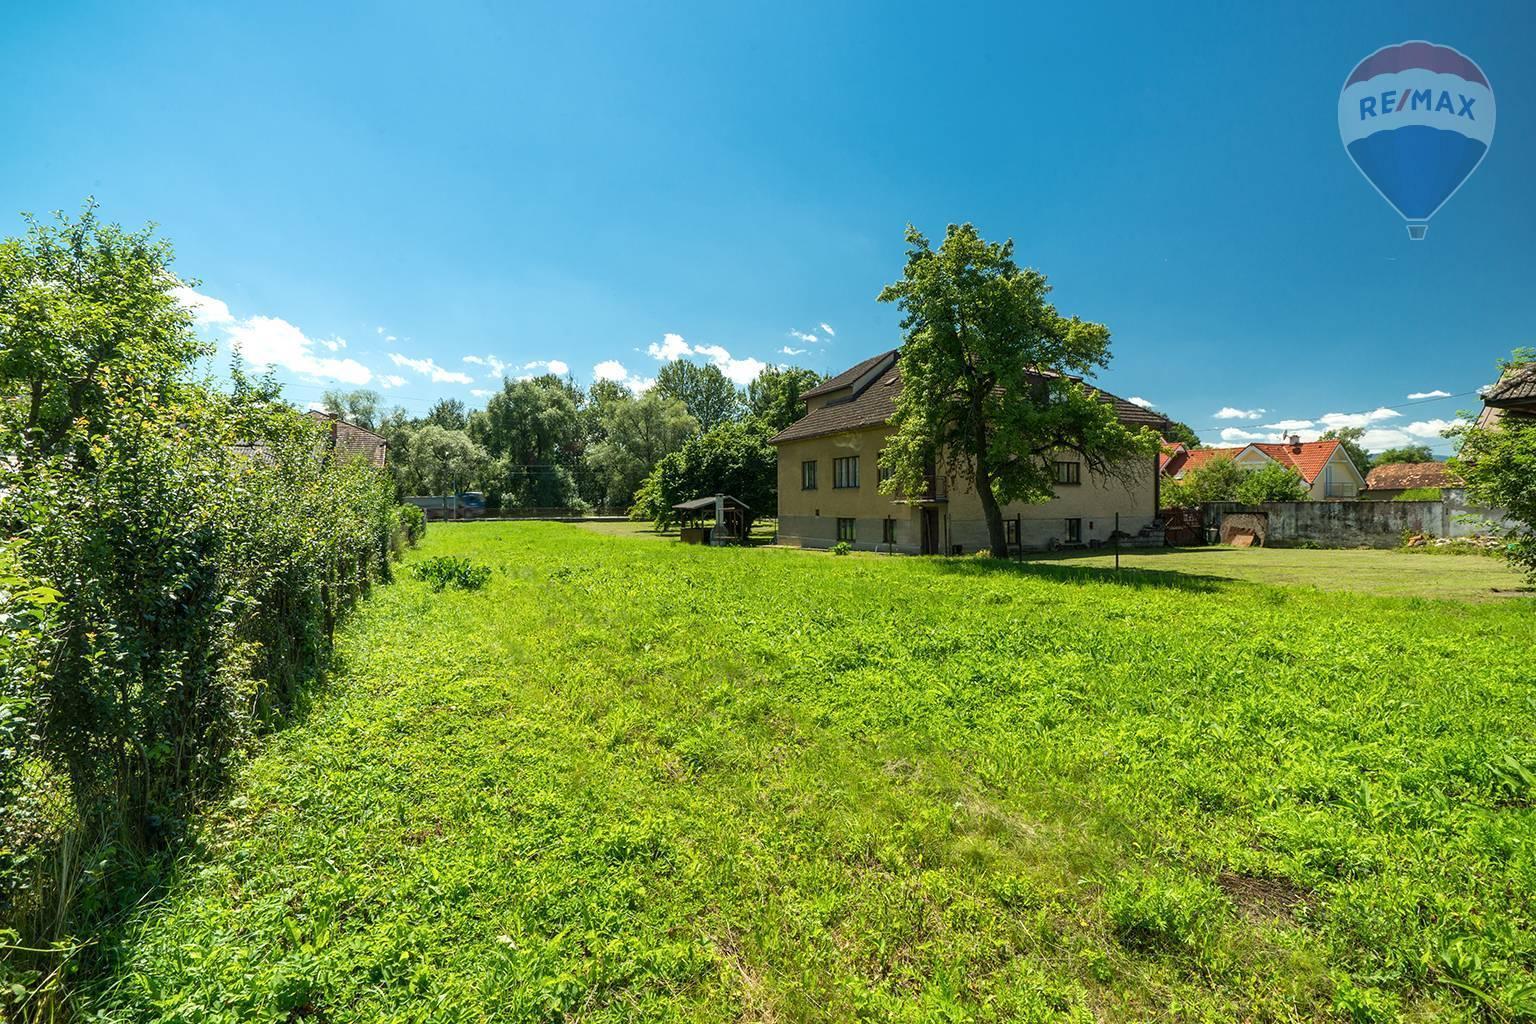 Predaj pozemku 3933 m2, Liptovská Teplá - pozemok